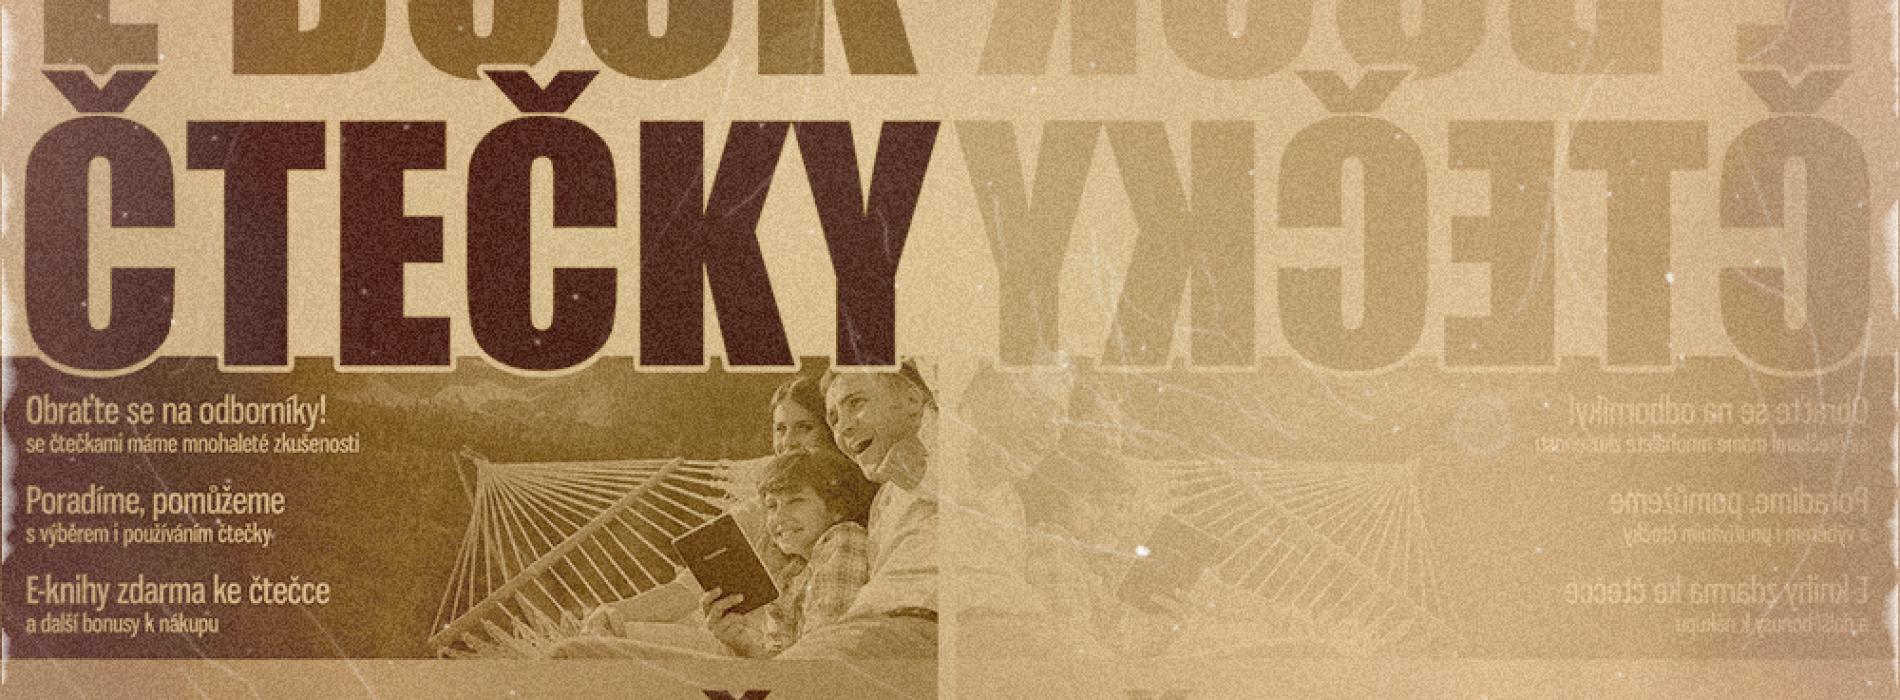 Speciálka na čtečky e-knih – nová prodejna ebook čteček v Ostravě!